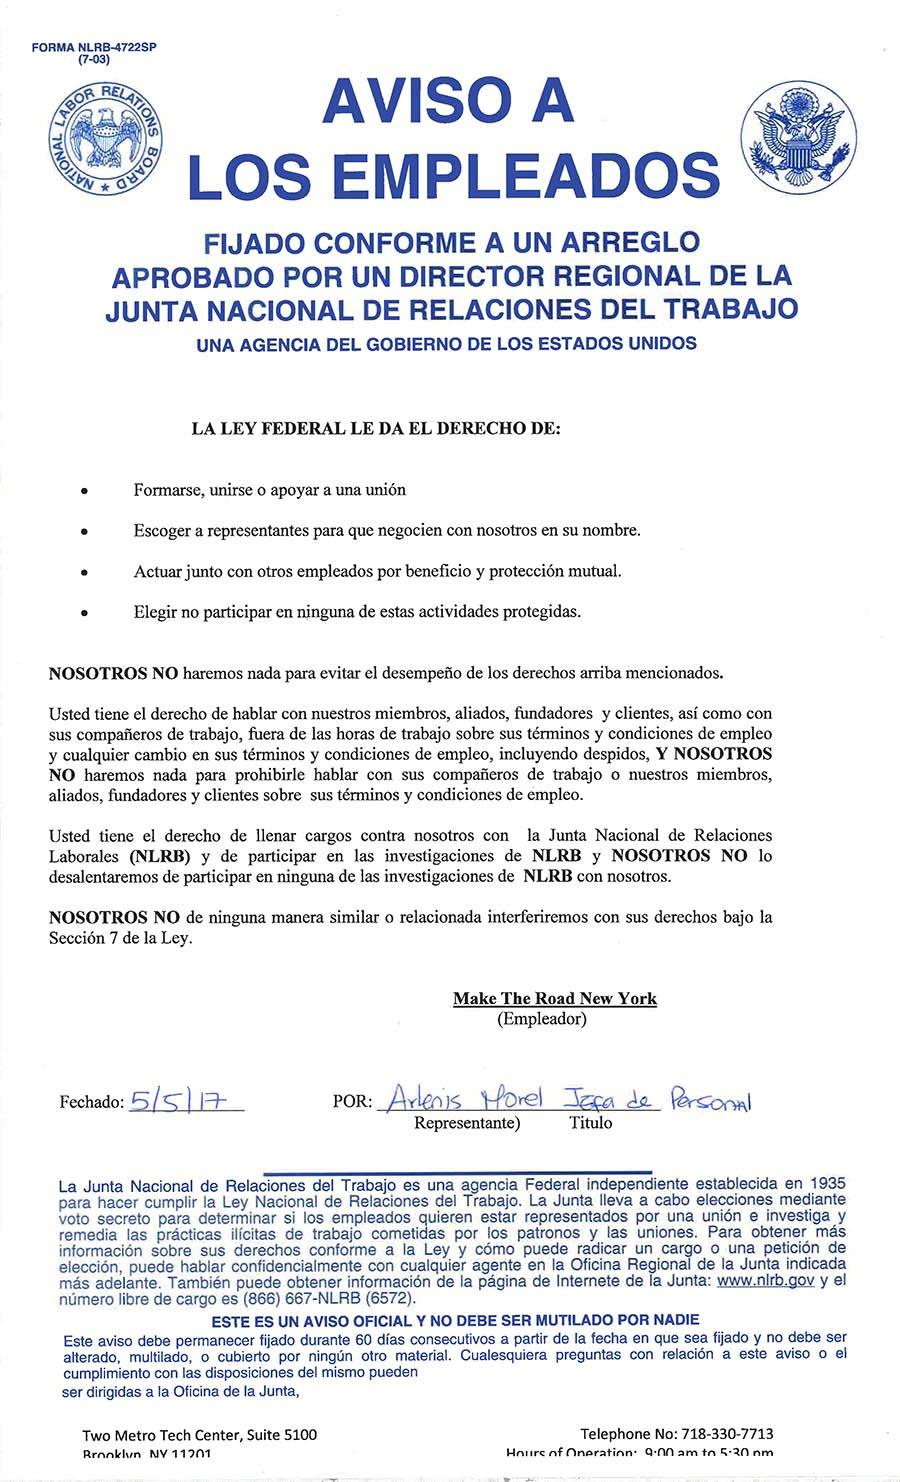 El documento que MRNY fue obligado a colocar en sus instalaciones por orden de la NLRB.